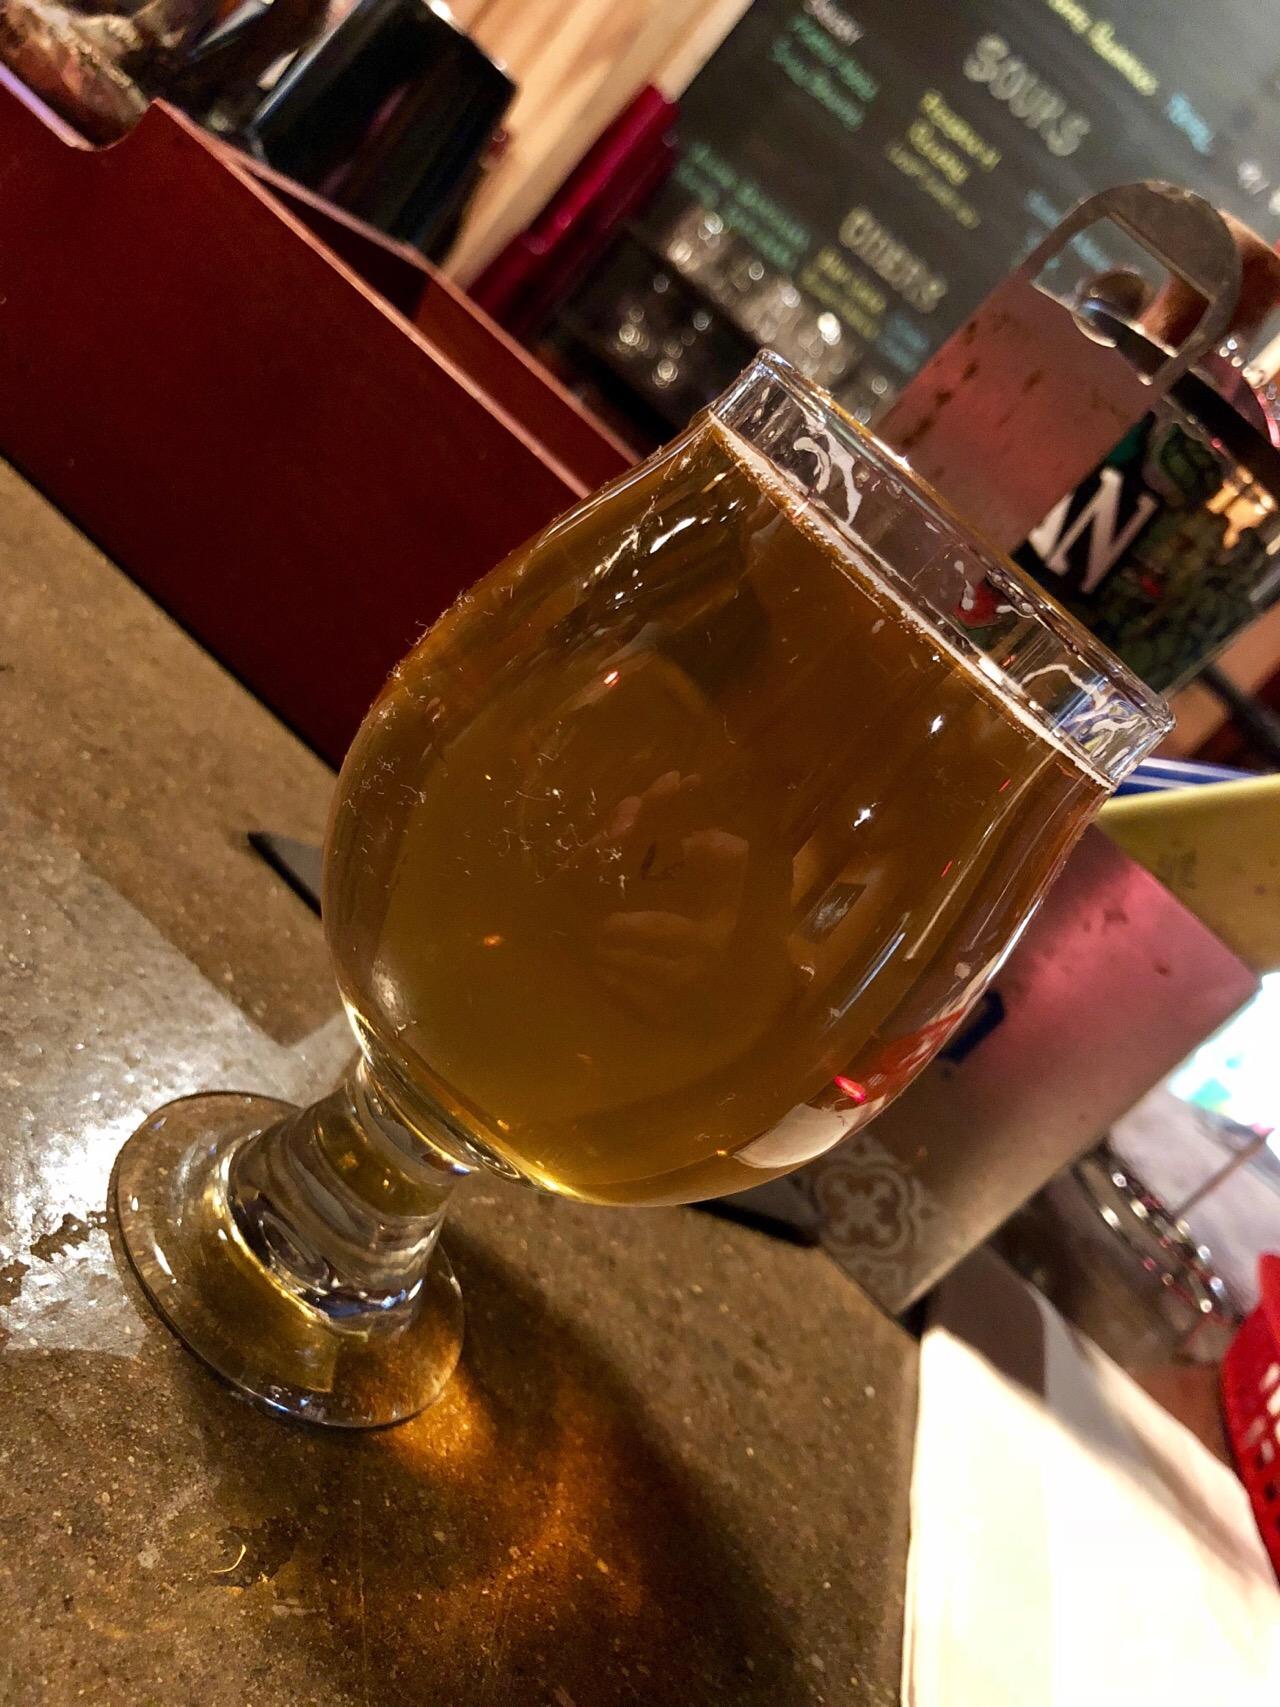 Status: Beer